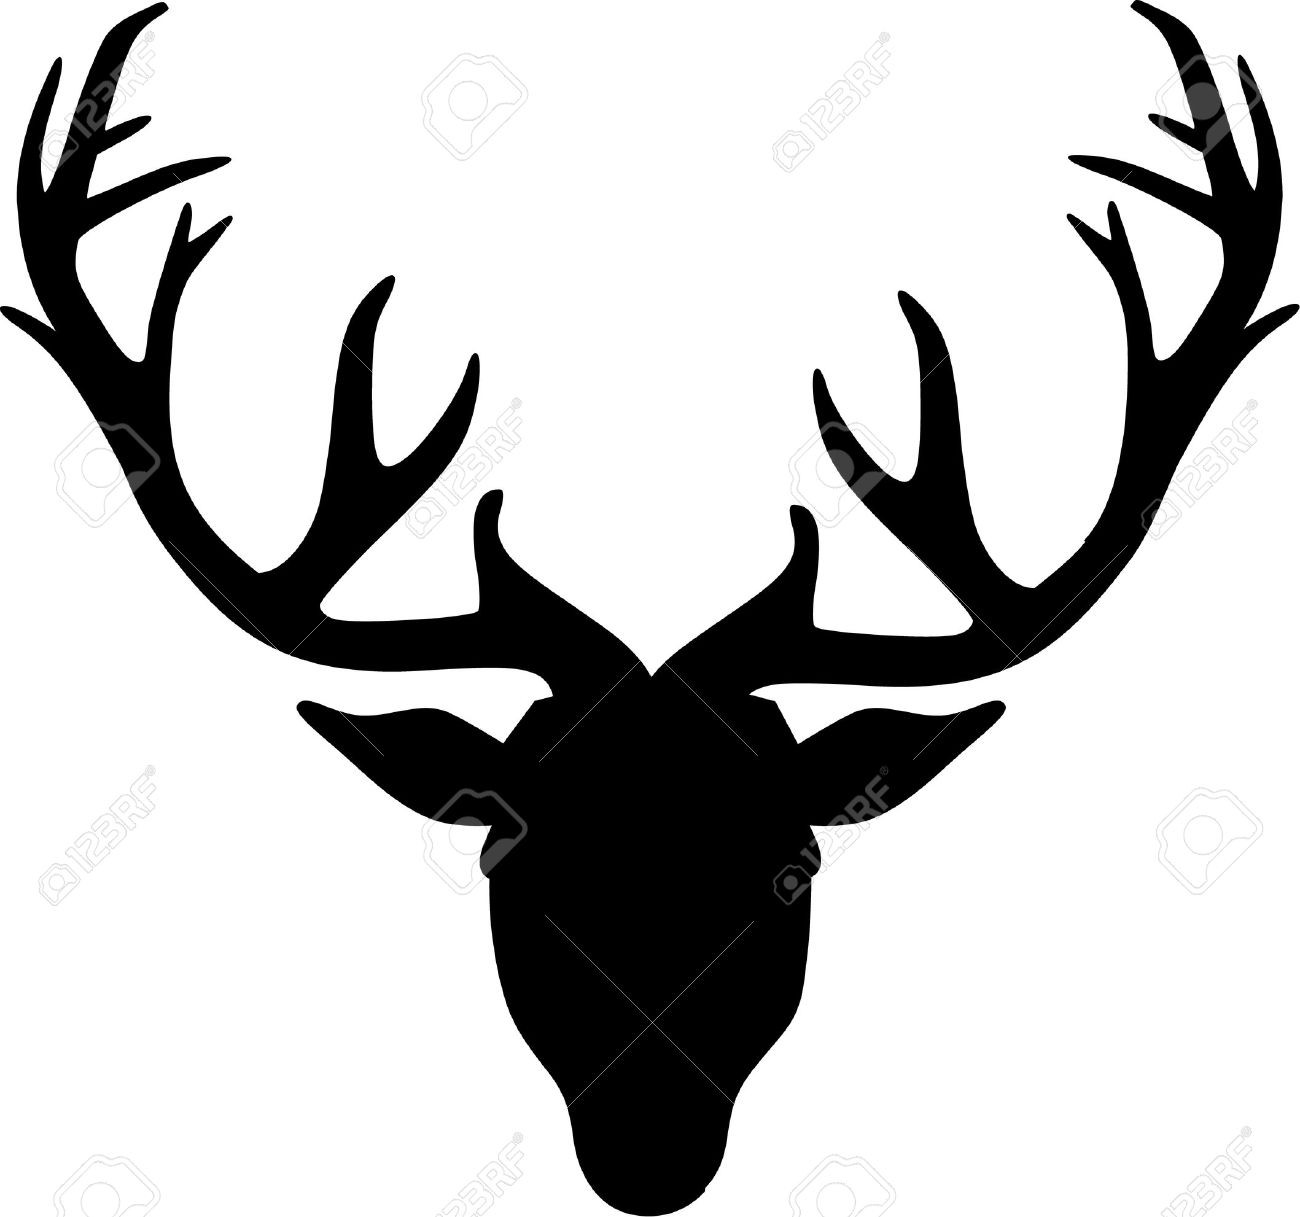 Silhouette at getdrawings com. Antlers clipart elk